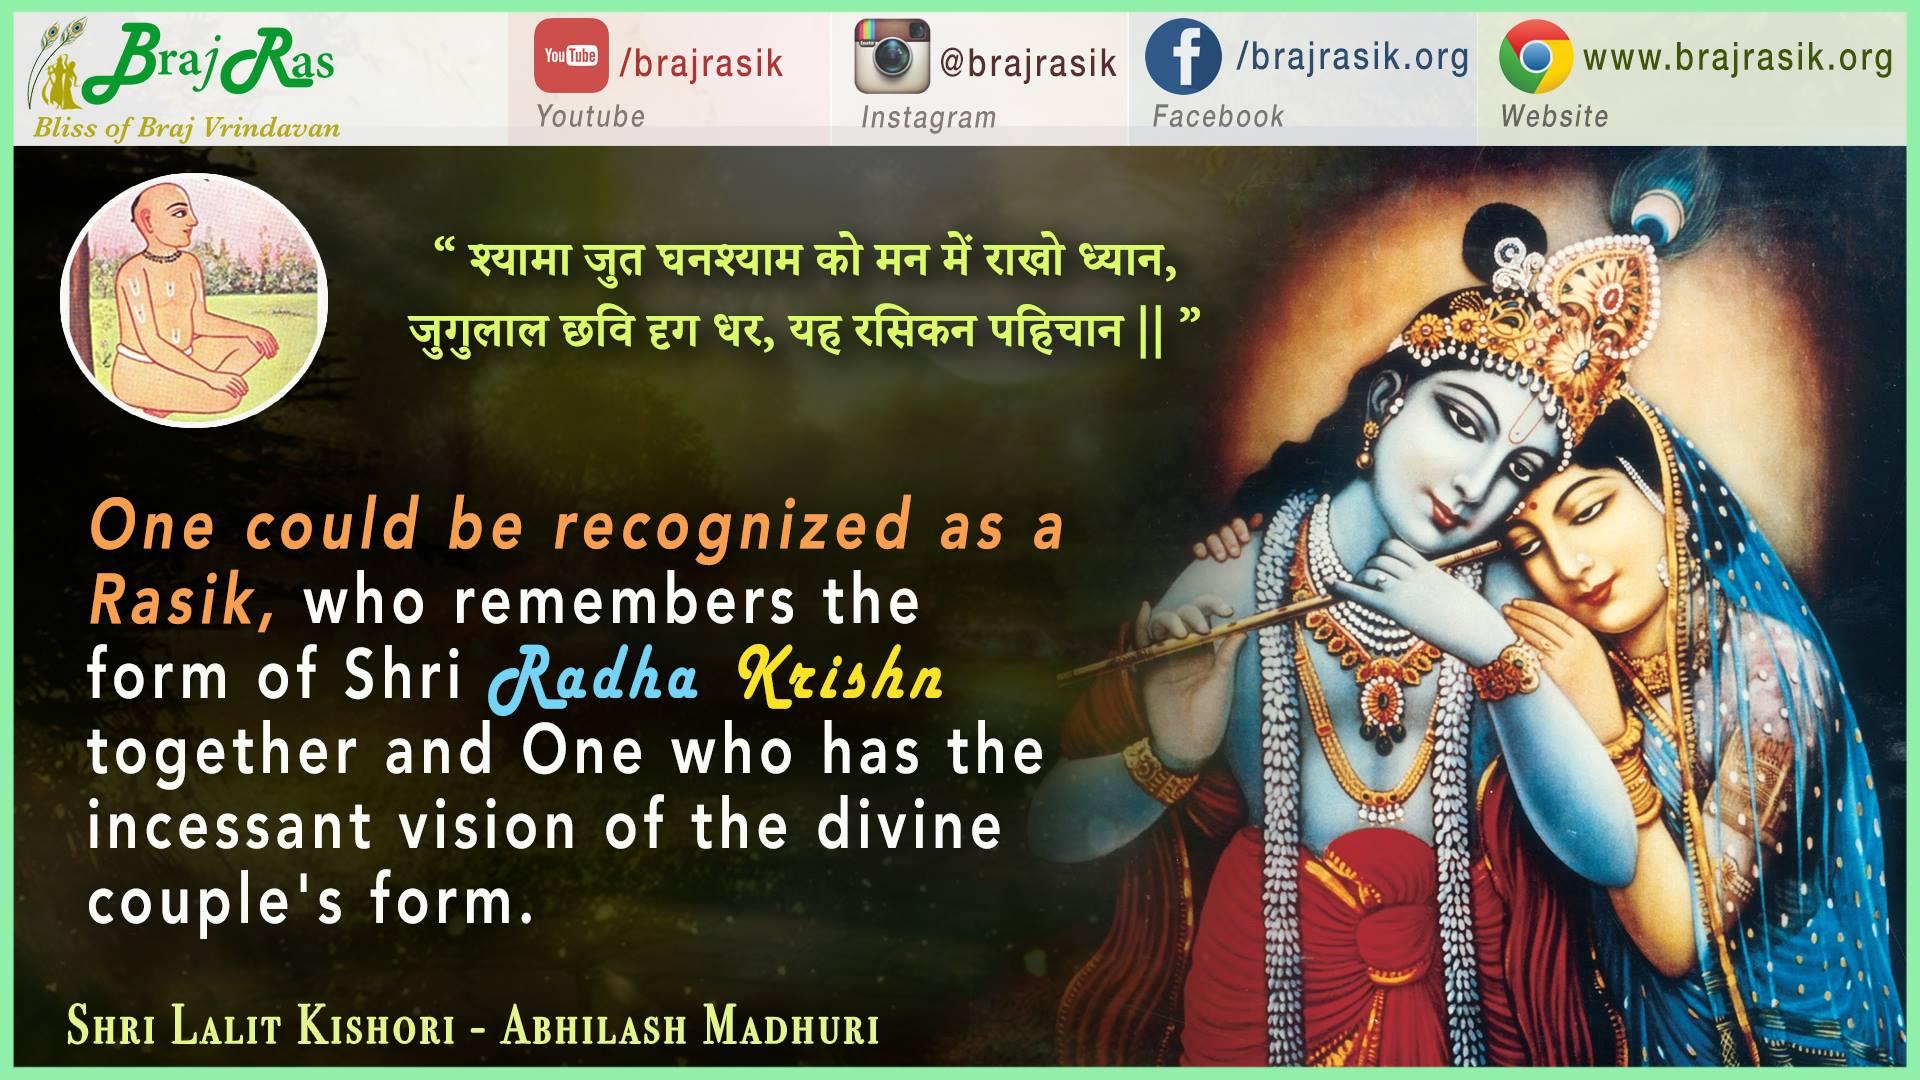 Shyama Jut Ghanshyam Ko Mana Mein Rakho Dhyan - Shri Lalit Kishori - Abhilash Madhuri